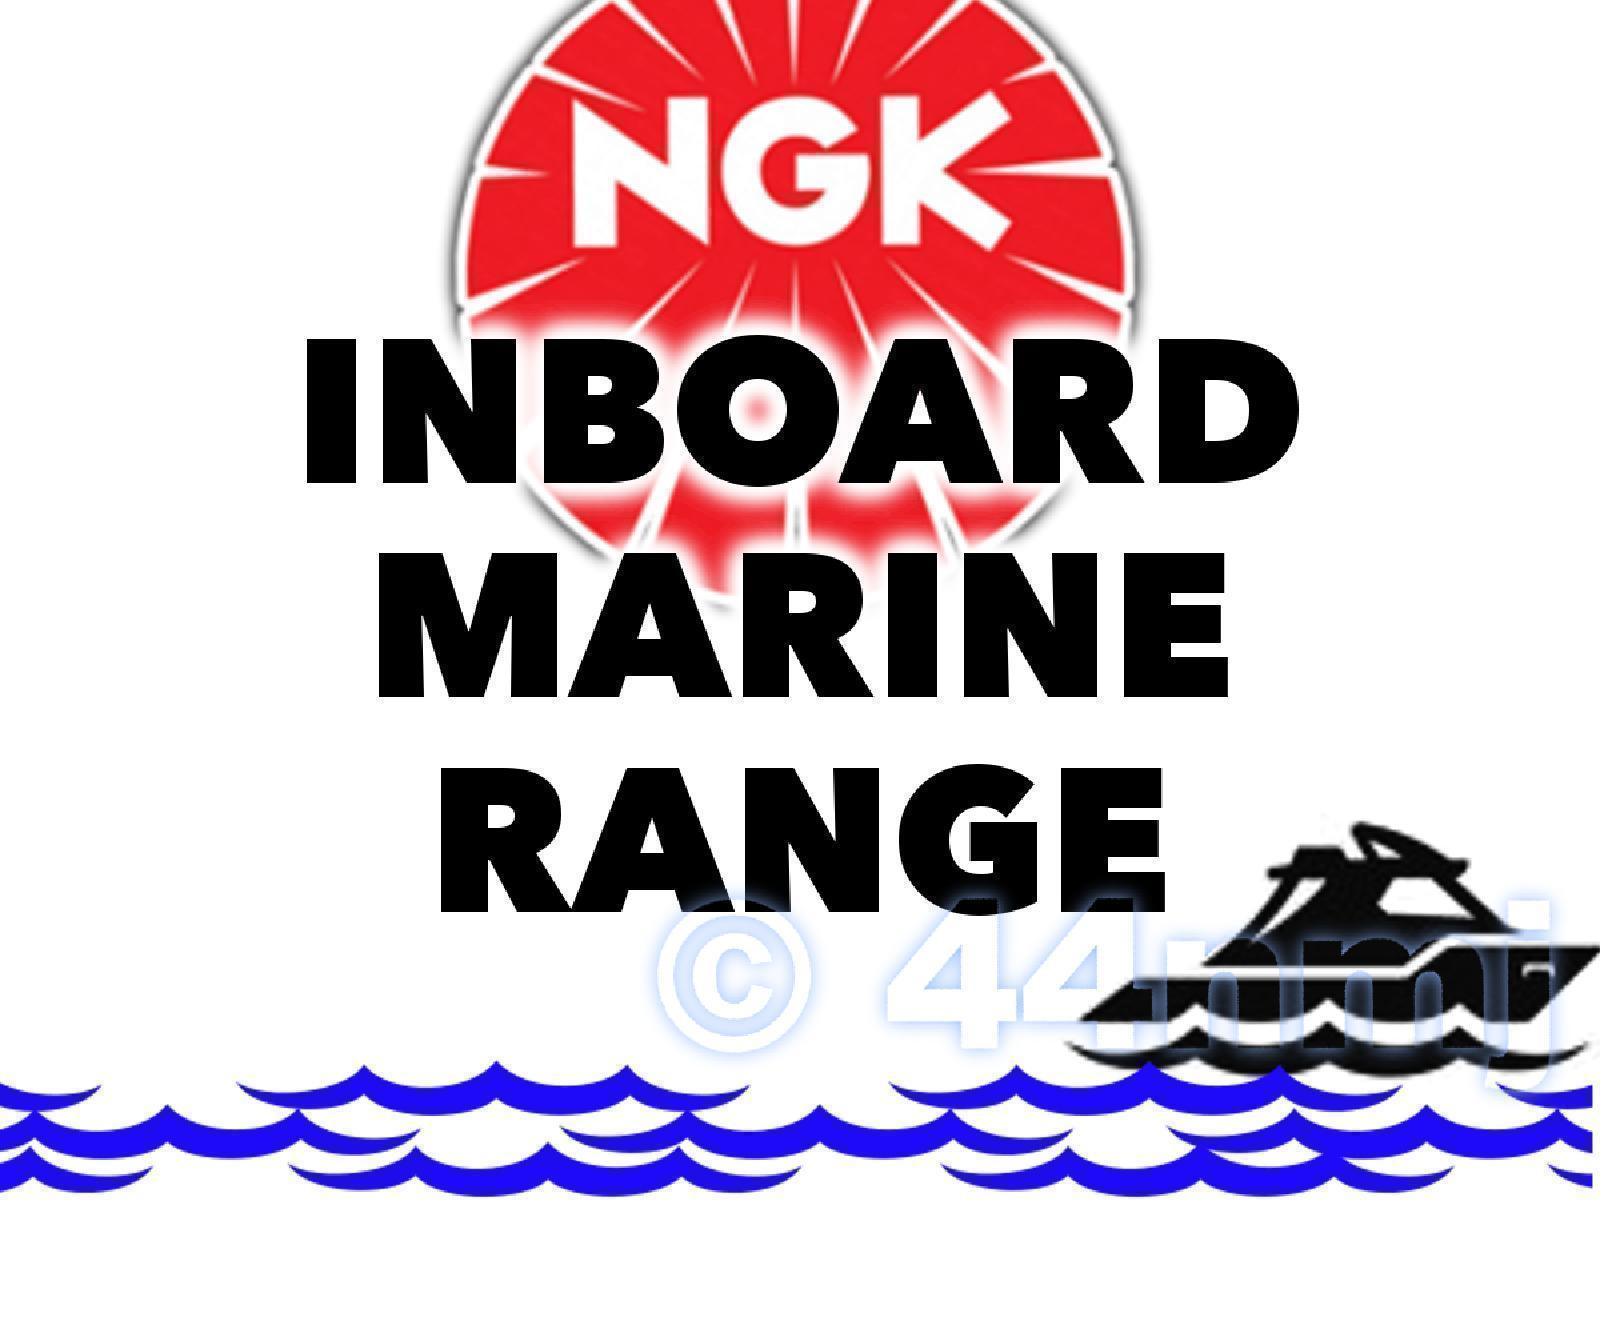 Details about NGK SPARK PLUG For MARINE ENGINE VOLVO.